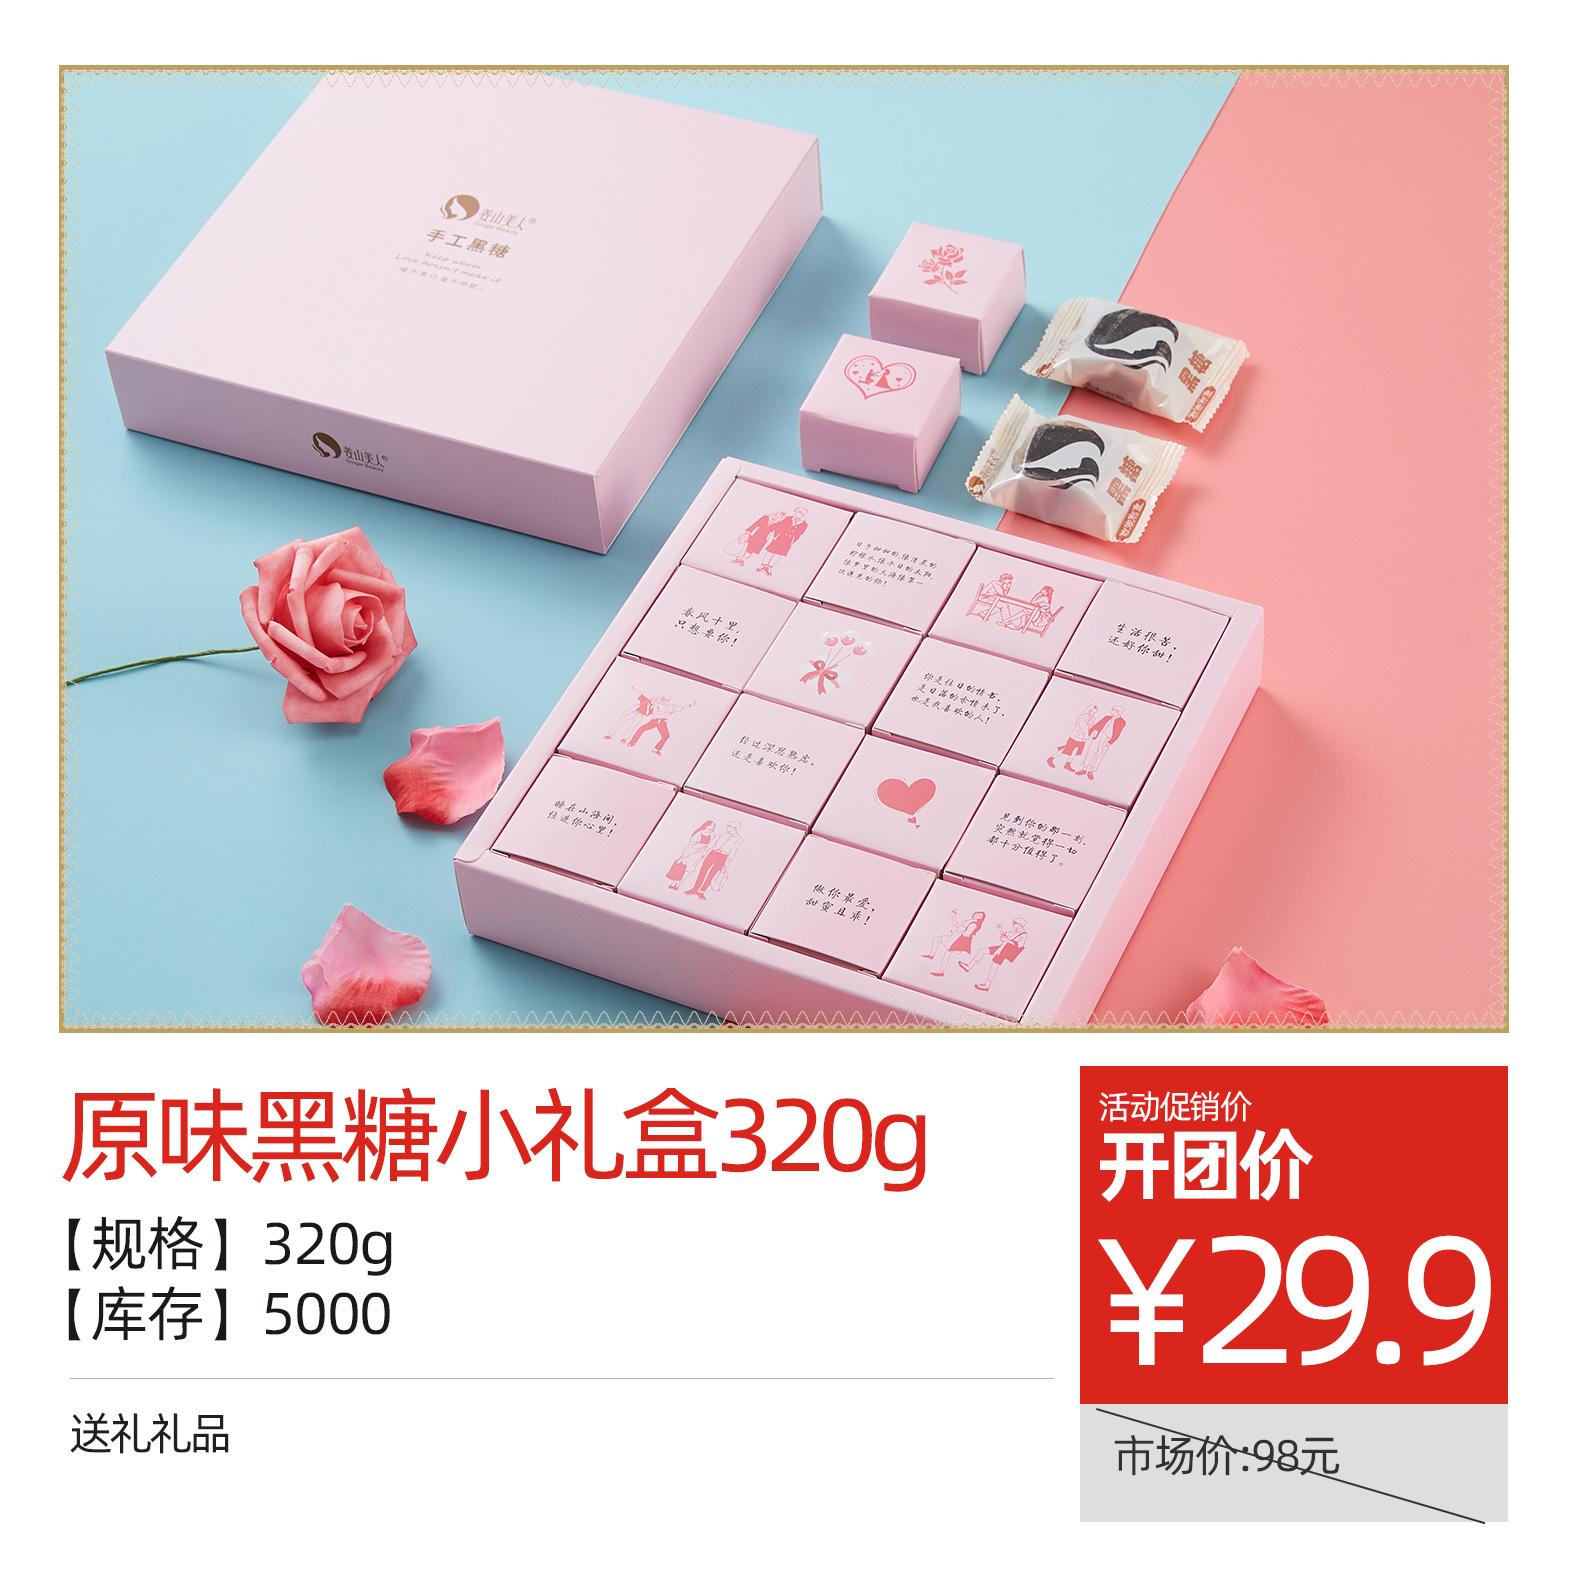 原味黑糖小礼盒320g